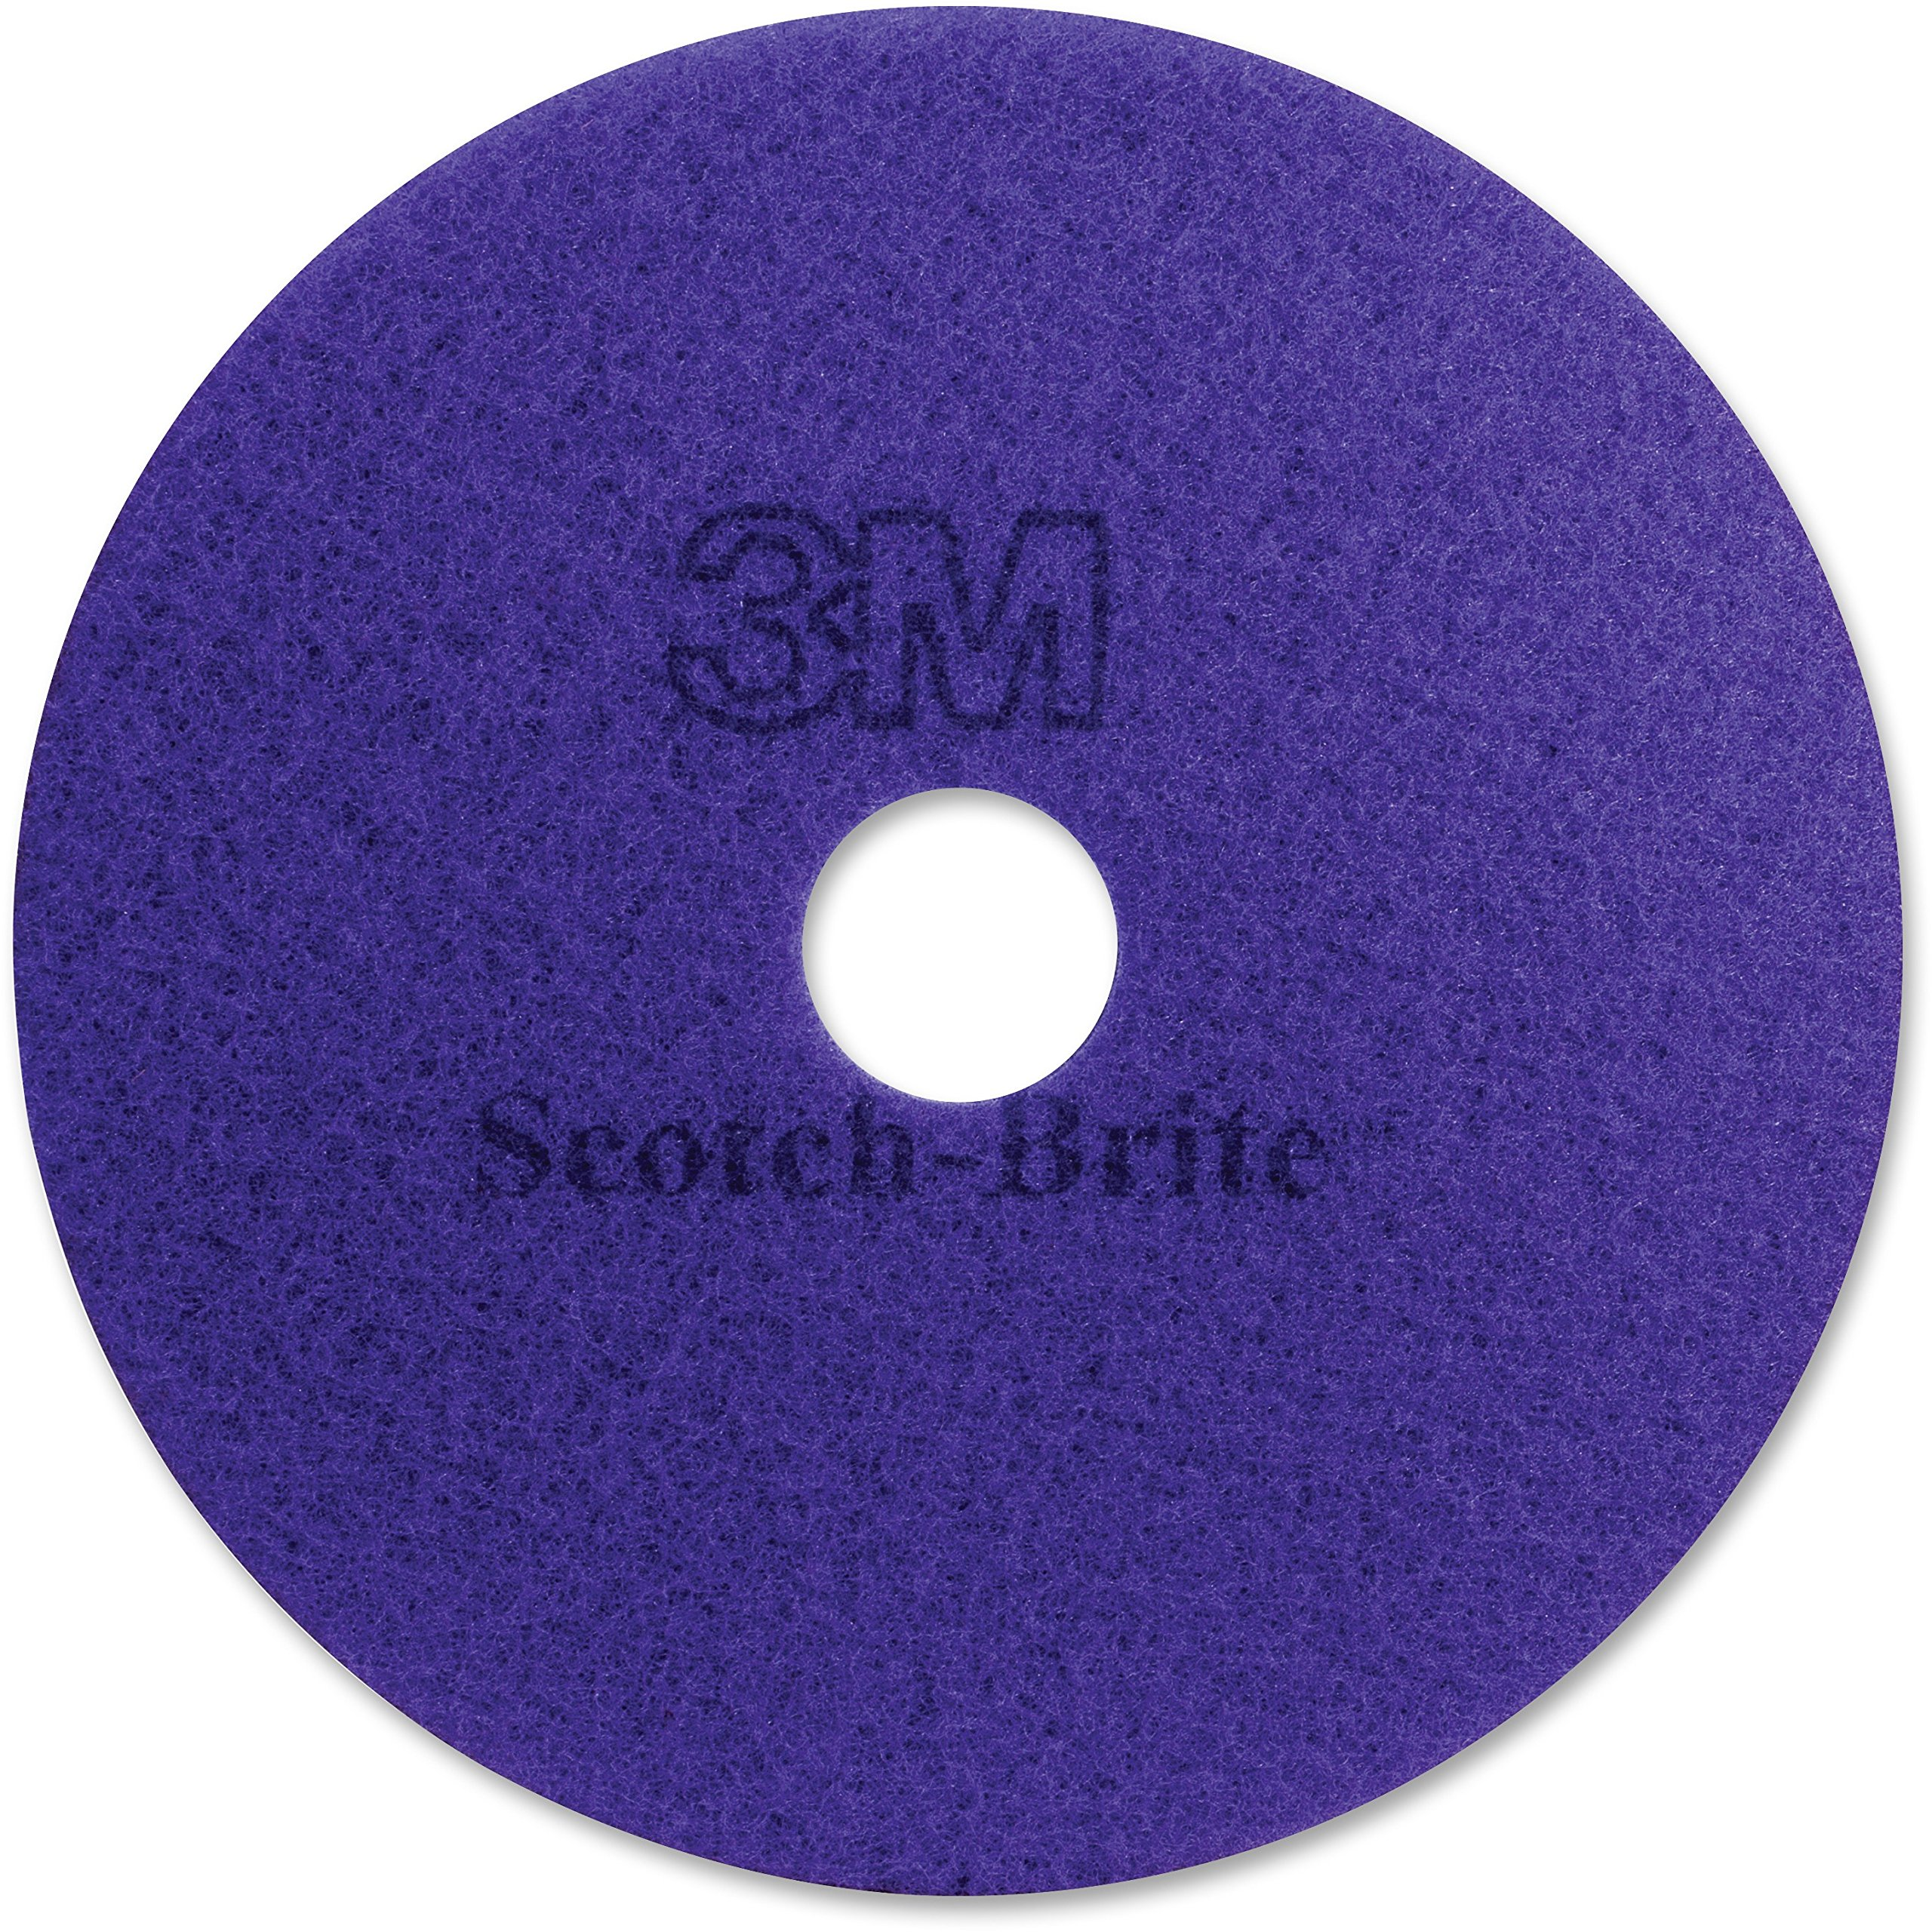 3M 23894 Diamond Floor Pads, 20'' Diameter, Purple, 5/Carton